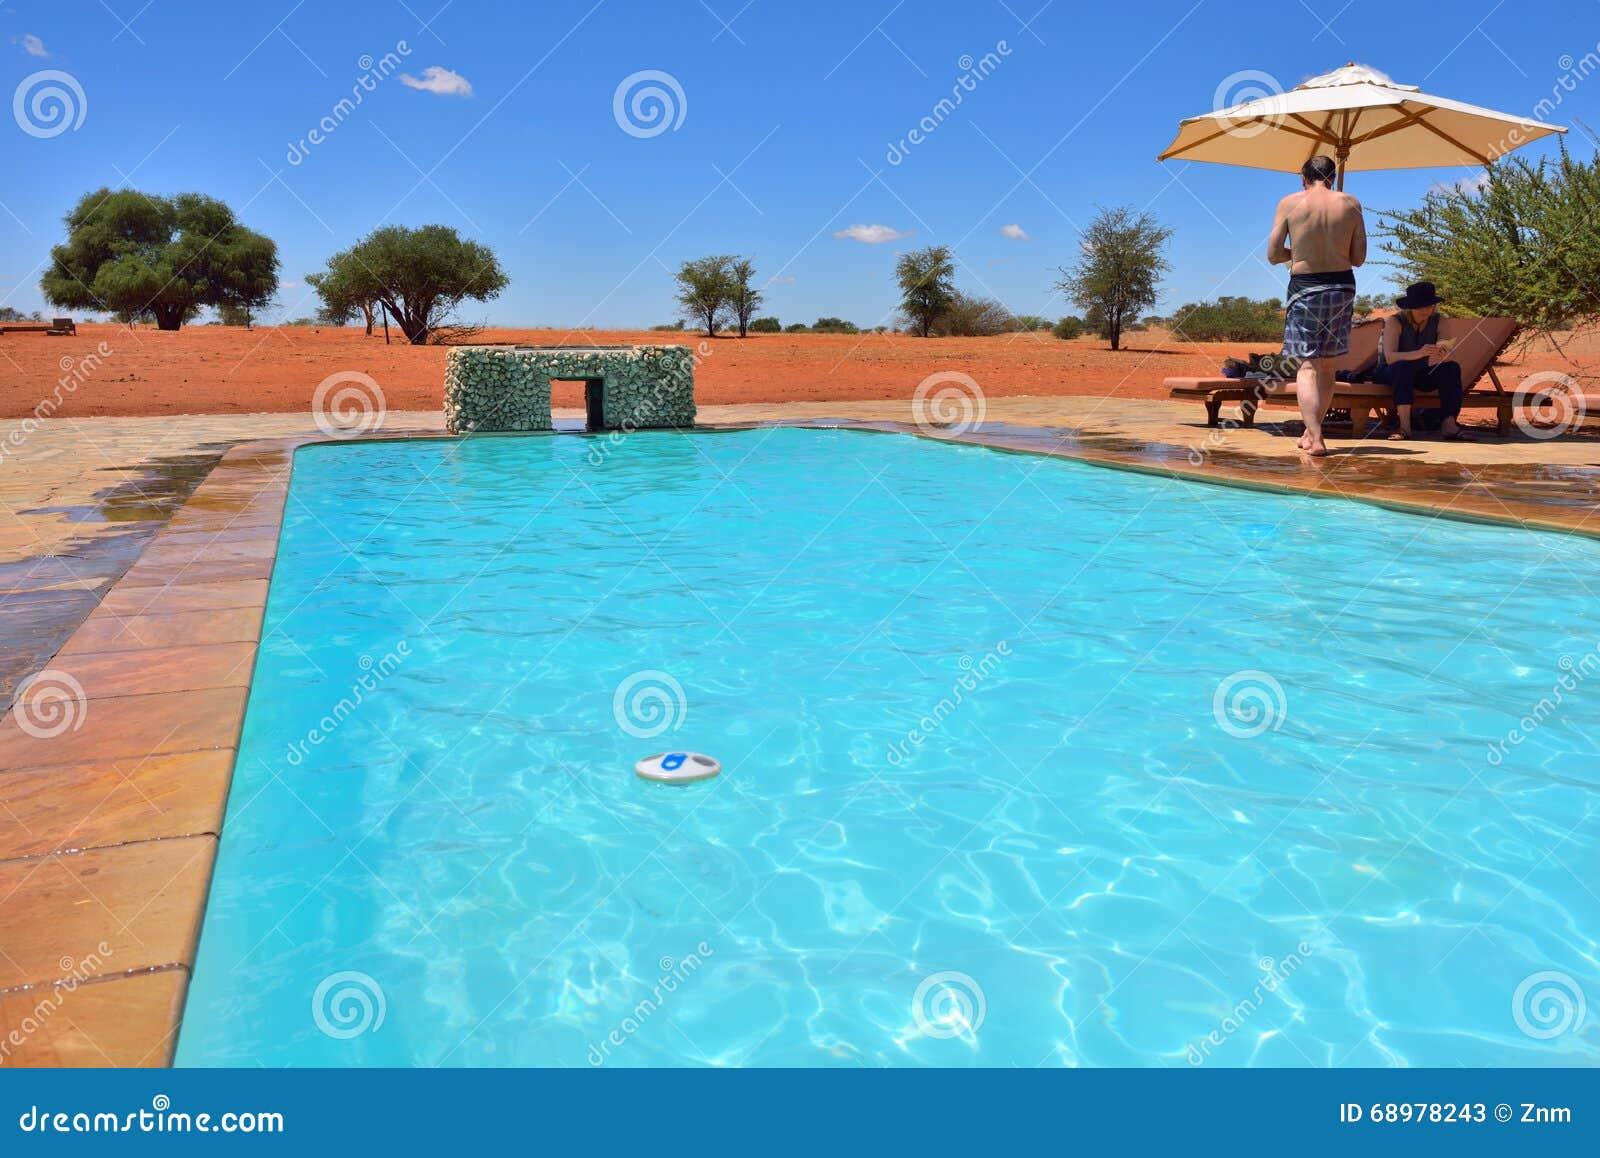 Piscina en el desierto de Kalahari